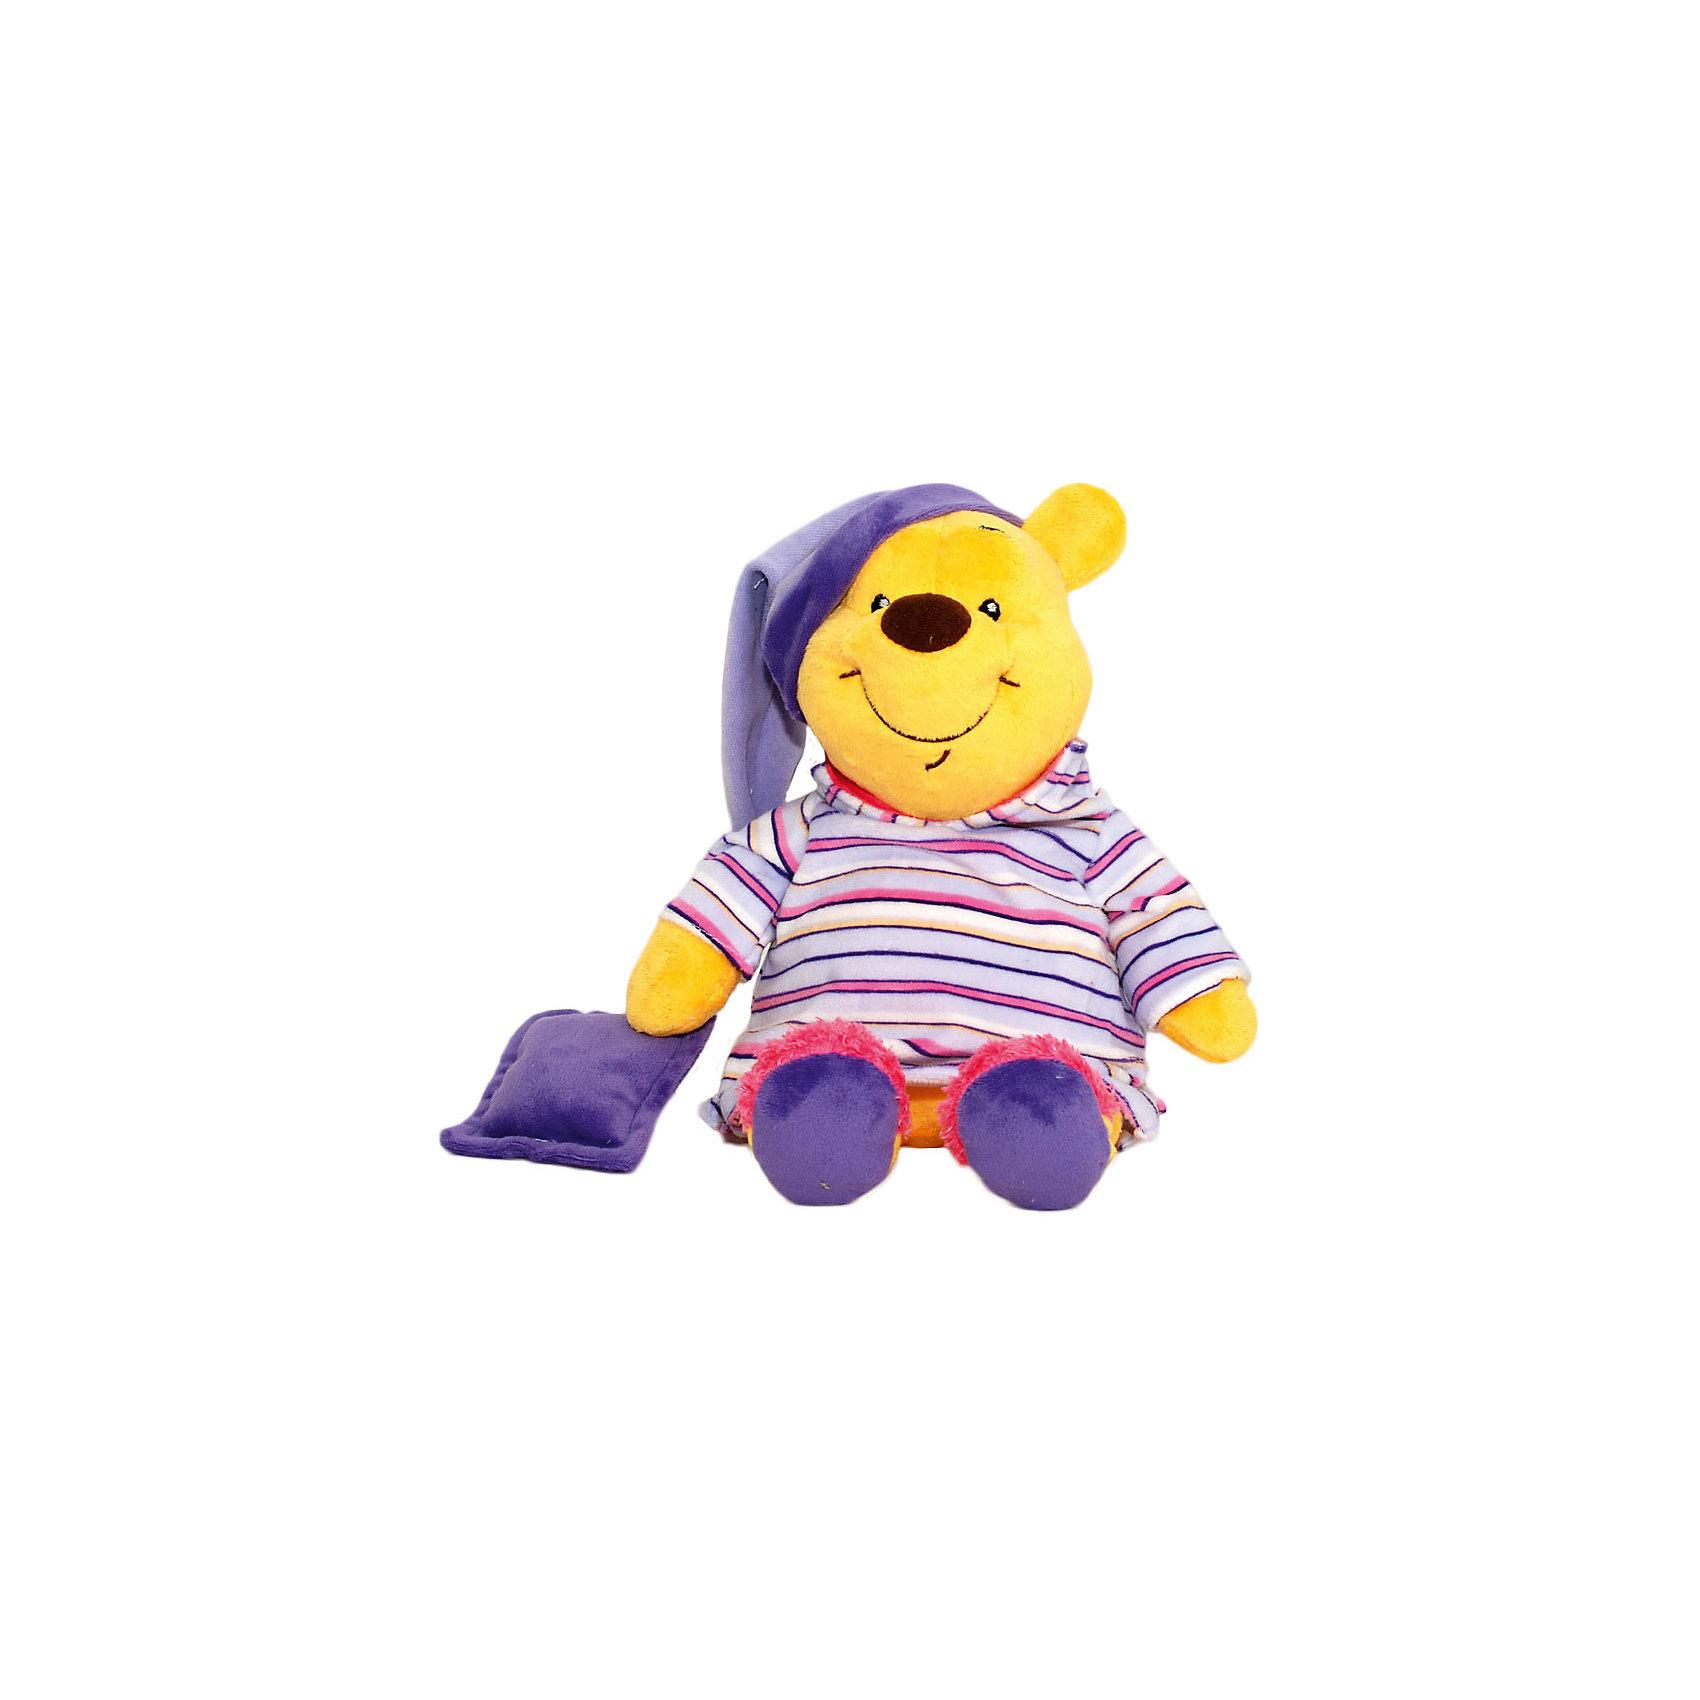 Мягкая игрушка Сонный Винни, Disney, 26 смМедвежата<br>Очаровательный медвежонок обязательно понравится всем малышам. С любимым героем приятно не только играть днем, но и засыпать вечером. Игрушка выполнена из высококачественных гипоаллергенных материалов, безопасных для детей. Мягкий Винни подарит вашему крохе много приятных и сладких снов!<br><br><br>Дополнительная информация:<br><br>- Материал: плюш, текстиль, полиэфирное волокно.<br>- Размер: 26 см.<br><br>Мягкую игрушку Сонный Винни, Disney (Дисней), можно купить в нашем магазине.<br><br>Ширина мм: 150<br>Глубина мм: 150<br>Высота мм: 260<br>Вес г: 320<br>Возраст от месяцев: 36<br>Возраст до месяцев: 72<br>Пол: Унисекс<br>Возраст: Детский<br>SKU: 4219372